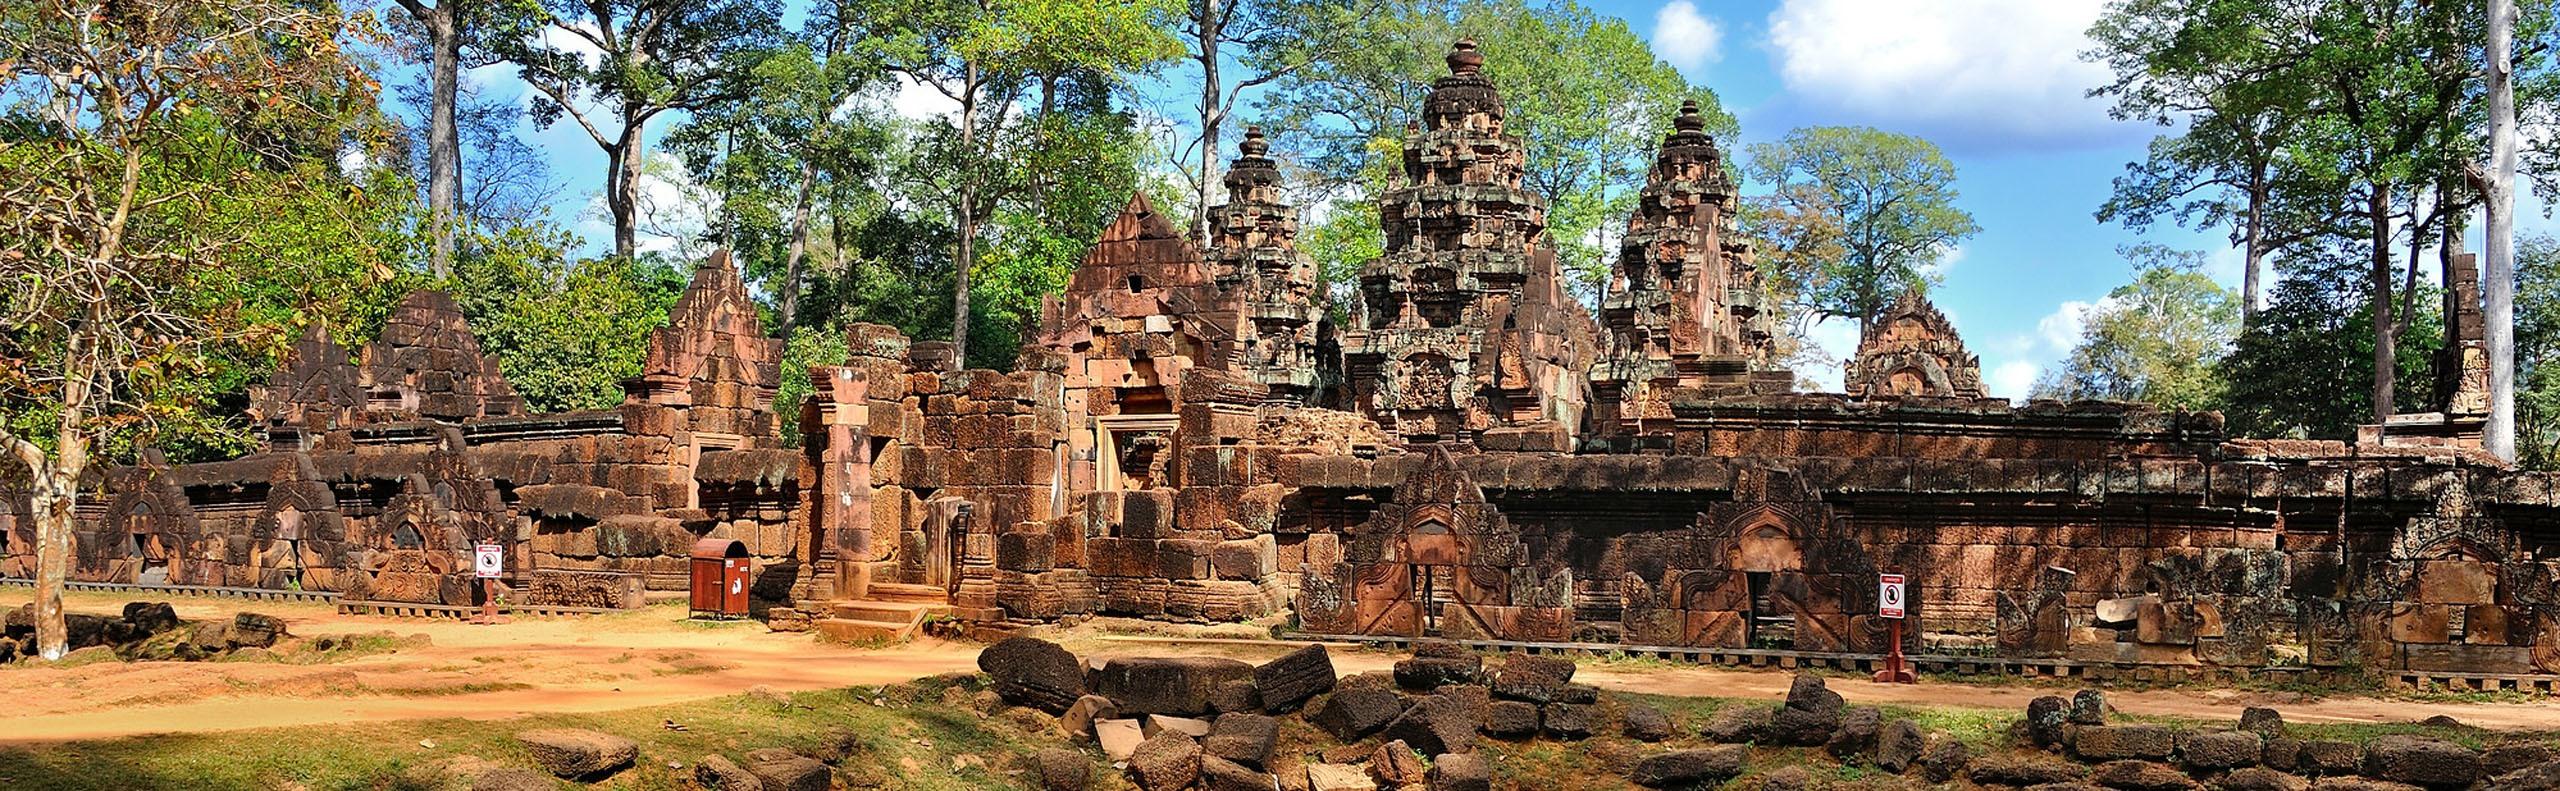 Beyond Angkor Wat